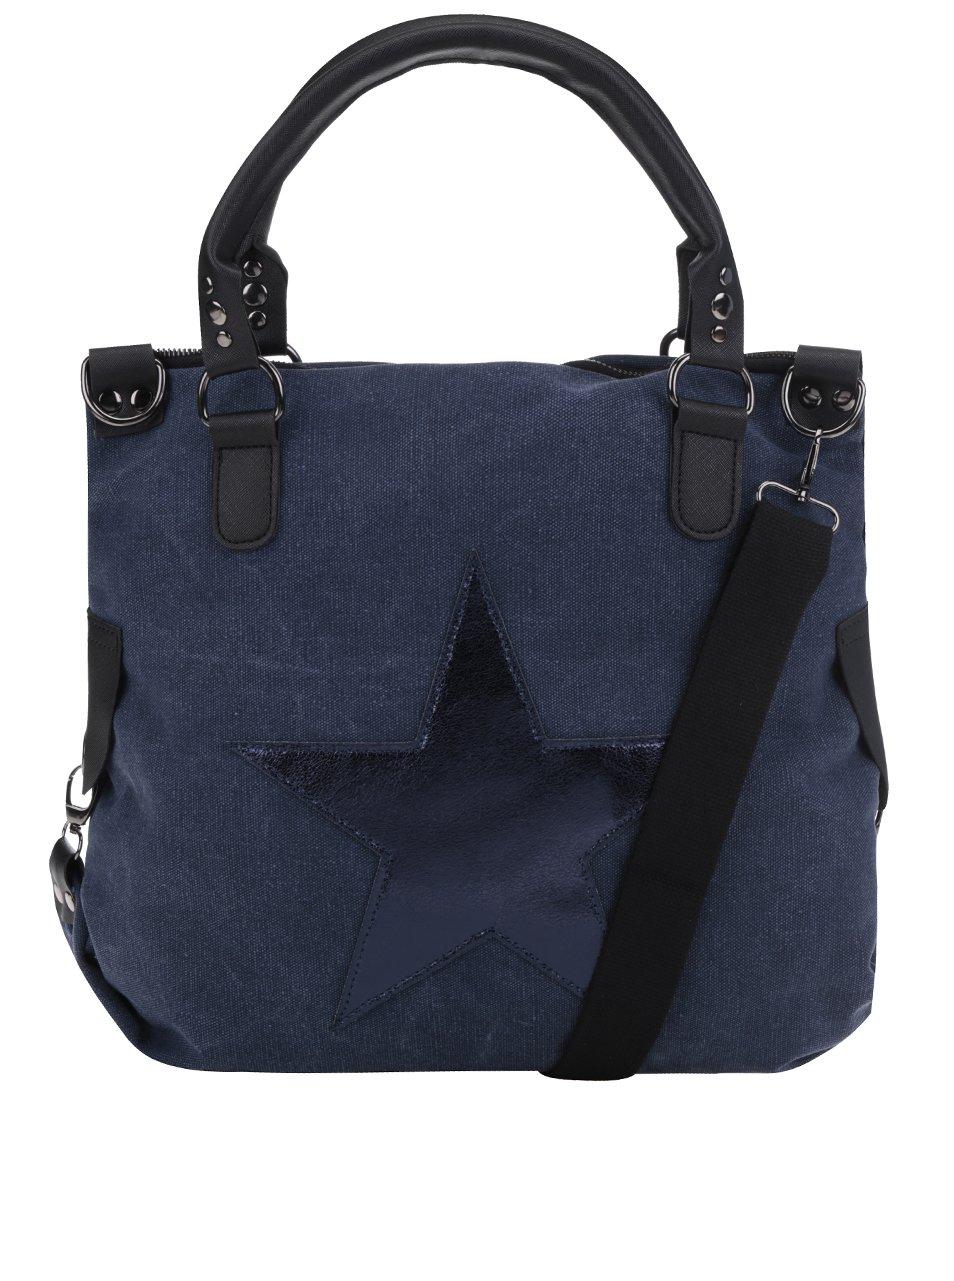 Tmavě modrá kabelka s nášivkou hvězdy Haily´s Star M